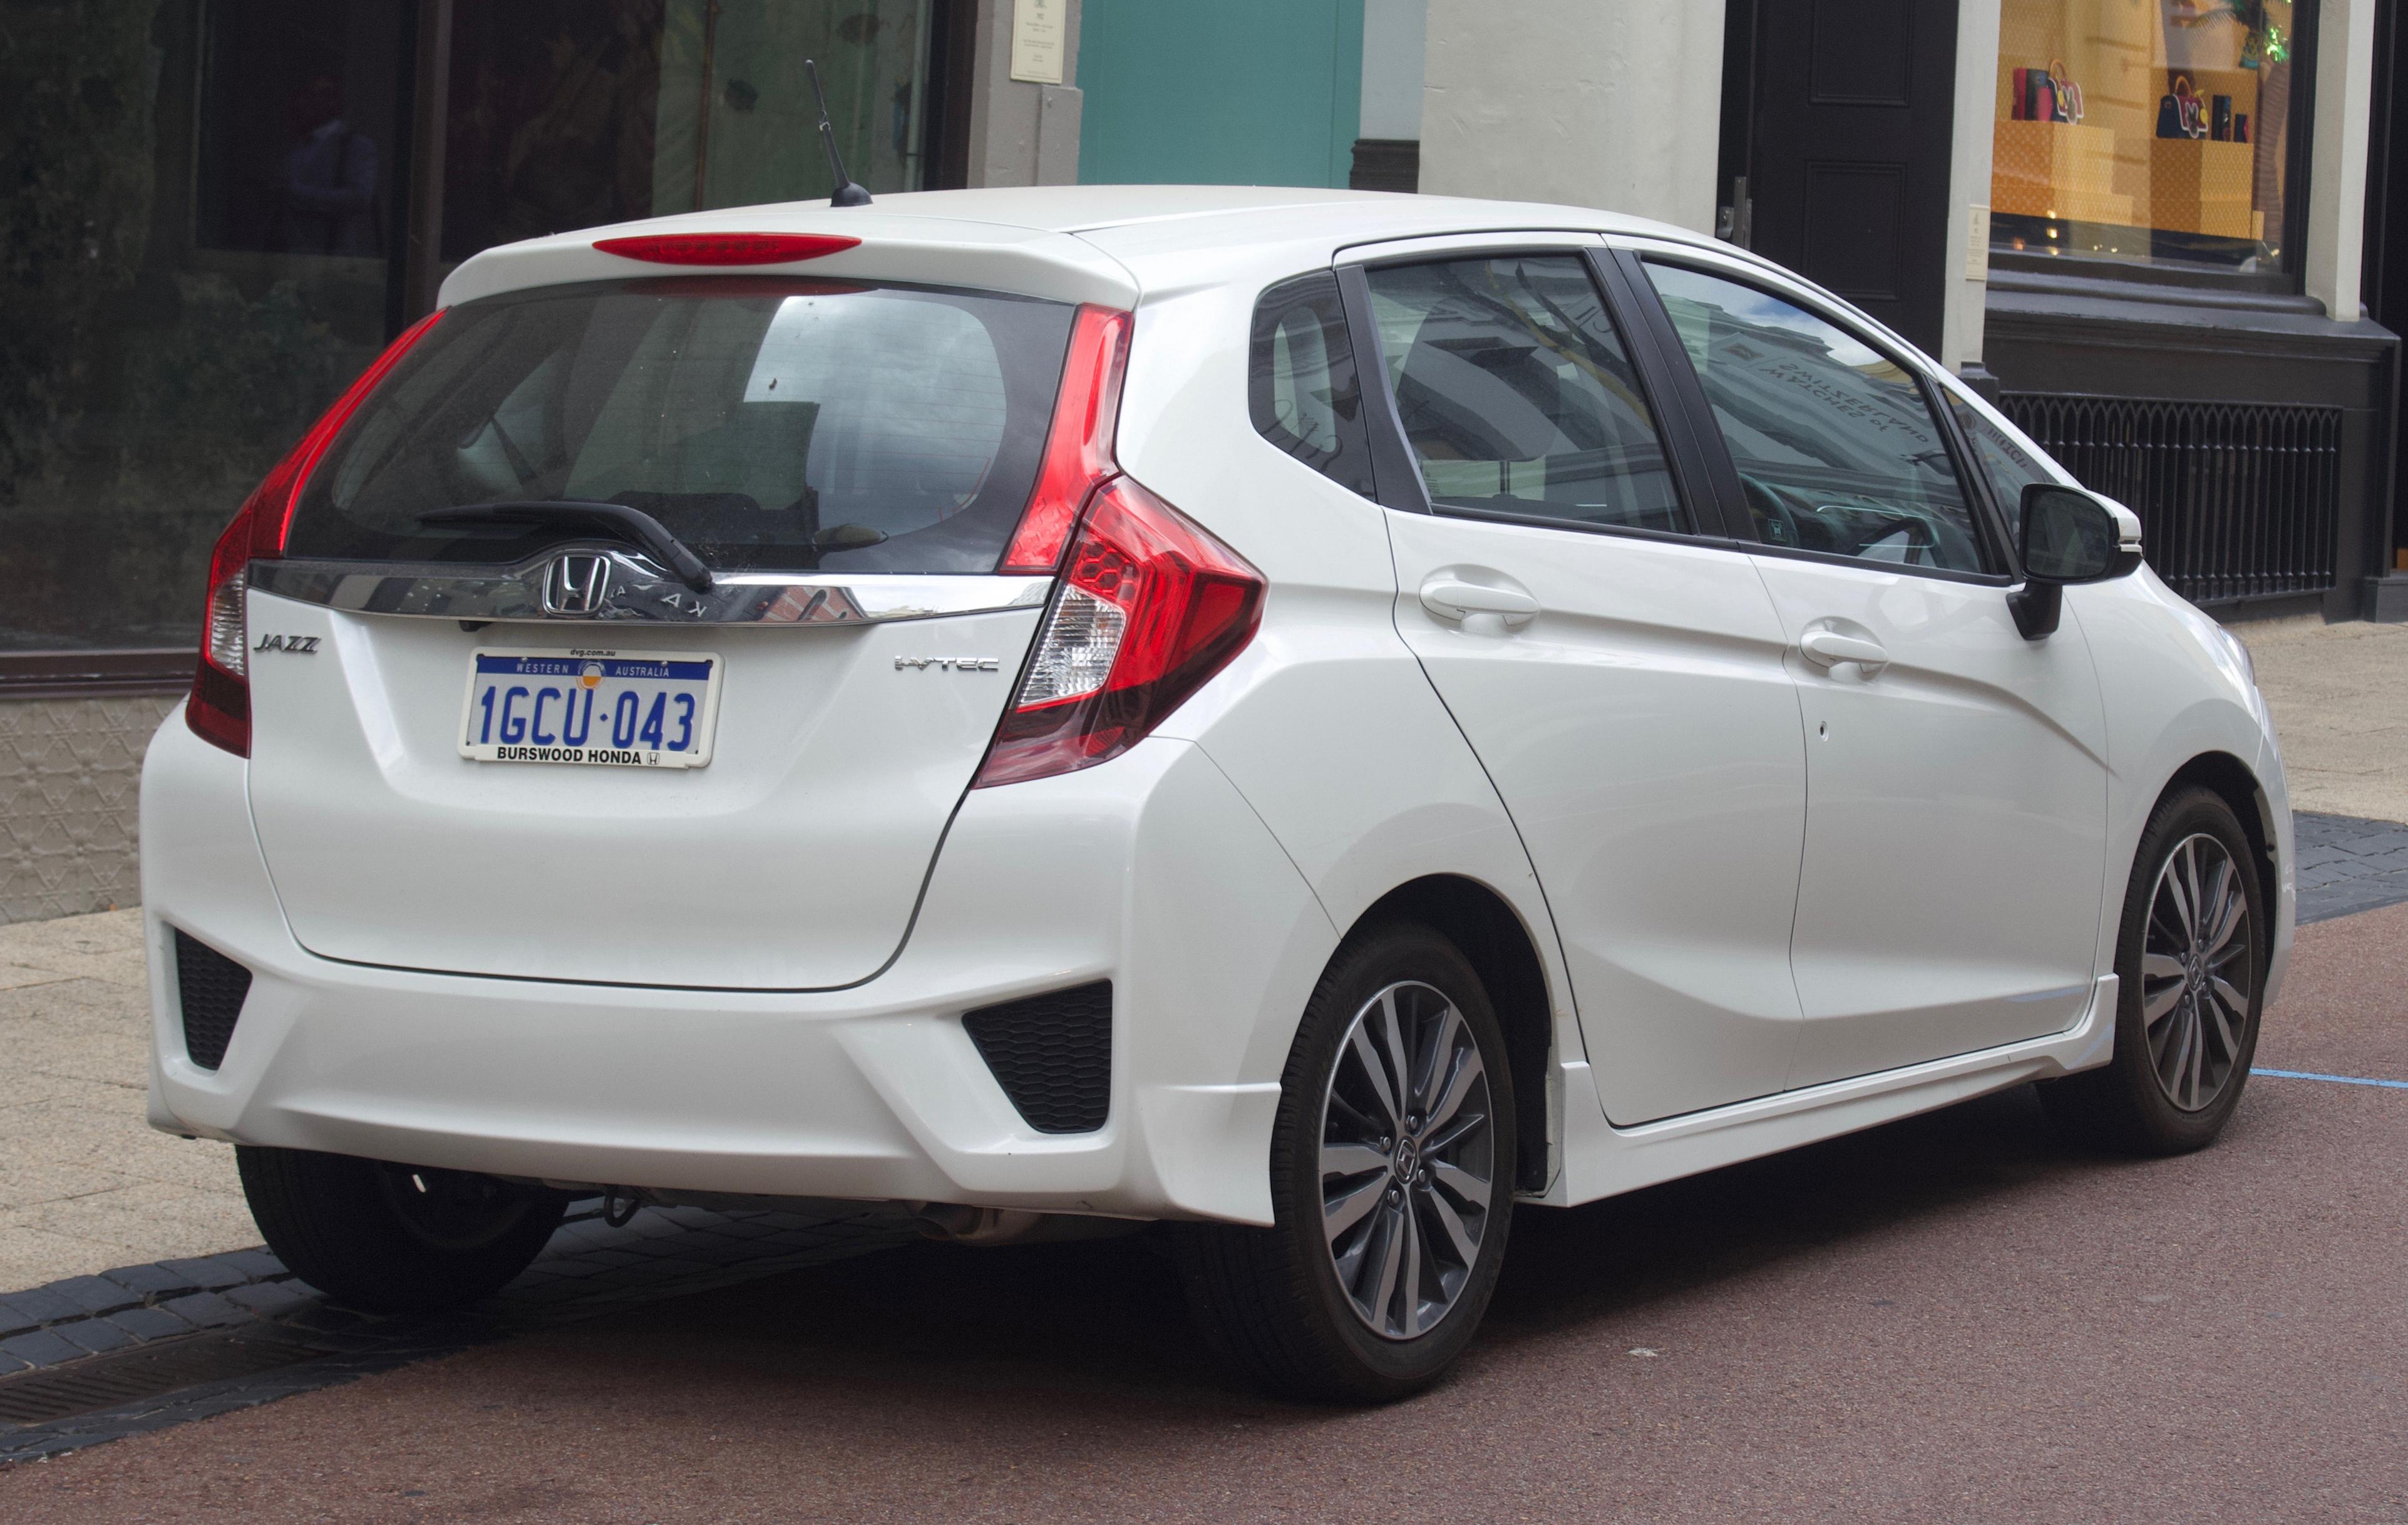 Kelebihan Kekurangan Honda Fit 2016 Perbandingan Harga